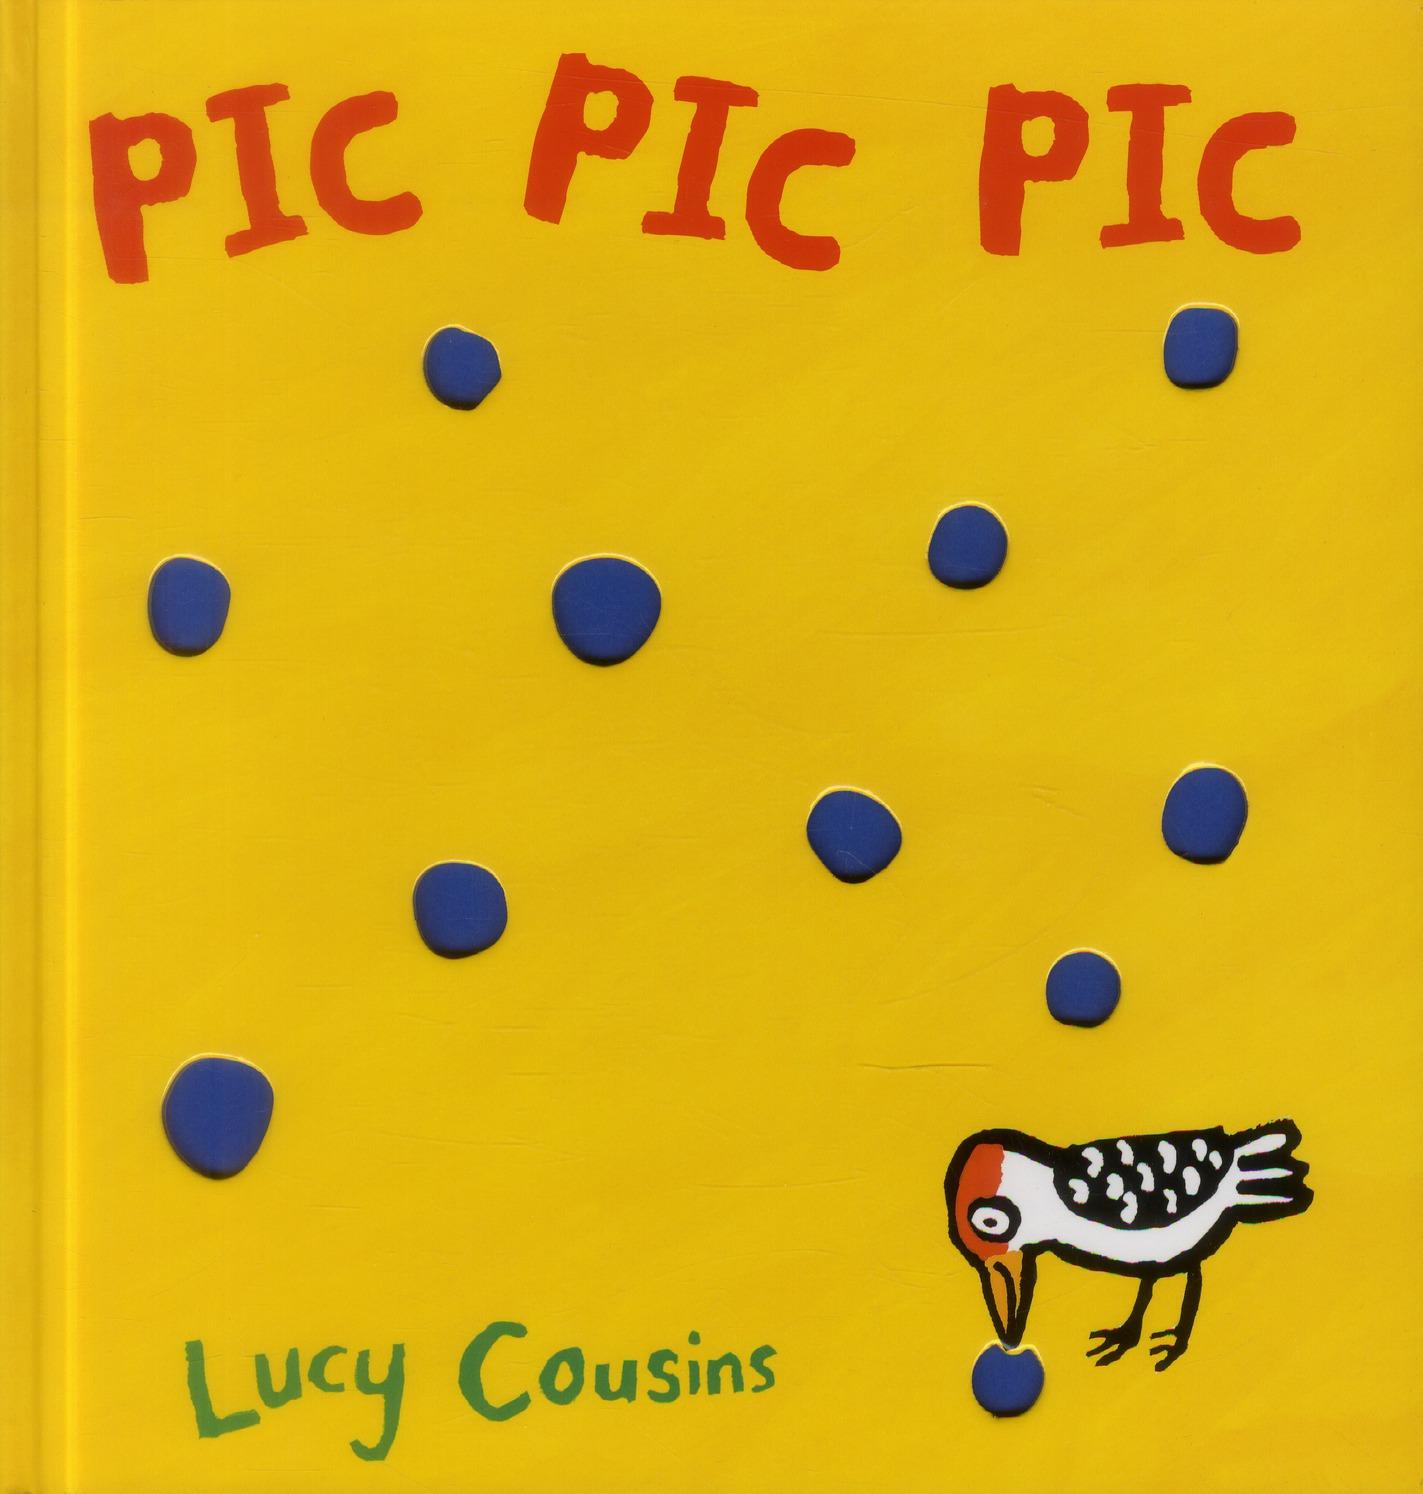 PIC PIC PIC